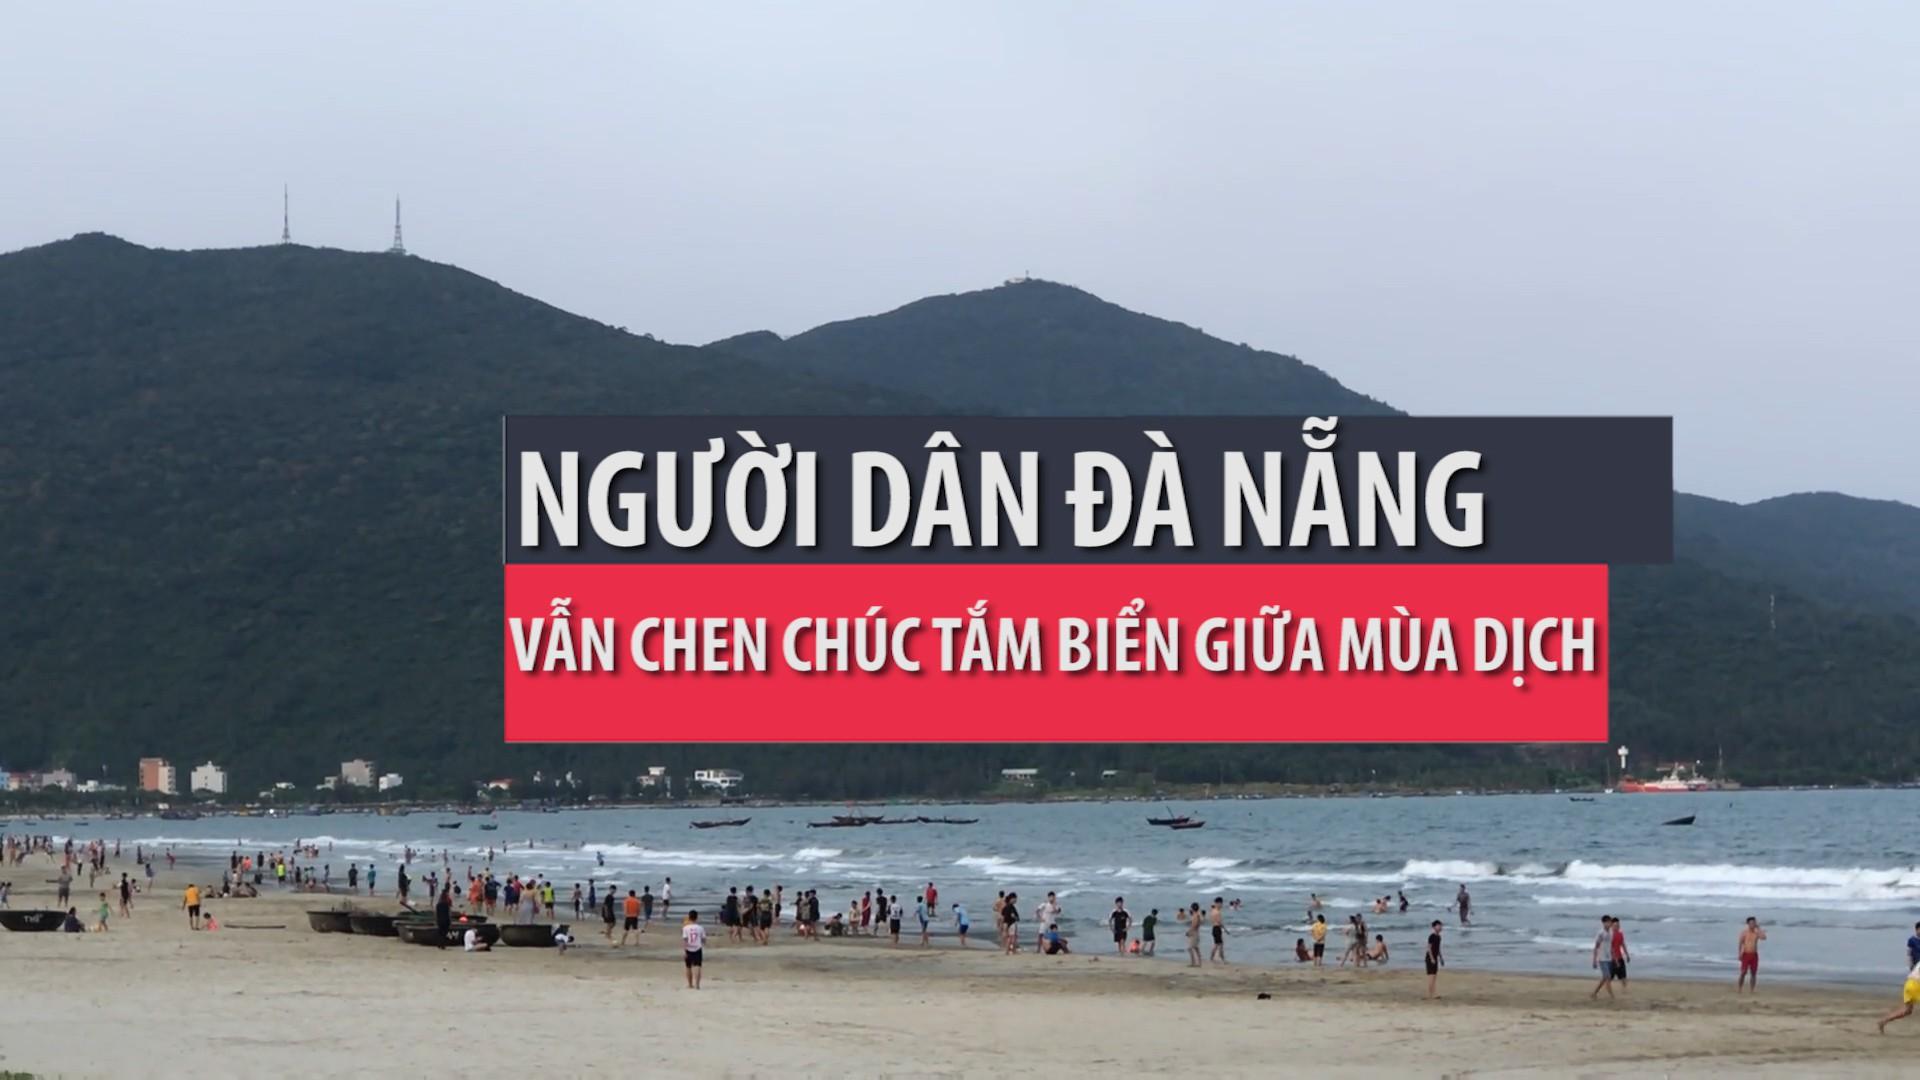 Người dân Đà Nẵng bất chấp lệnh cấm chen chúc tắm biển